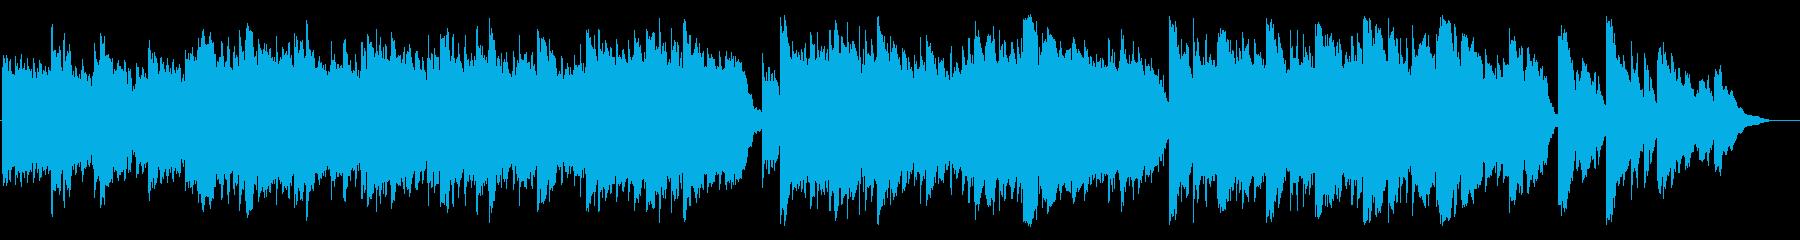 メルヘンで暖かみのあるオルゴールの曲の再生済みの波形